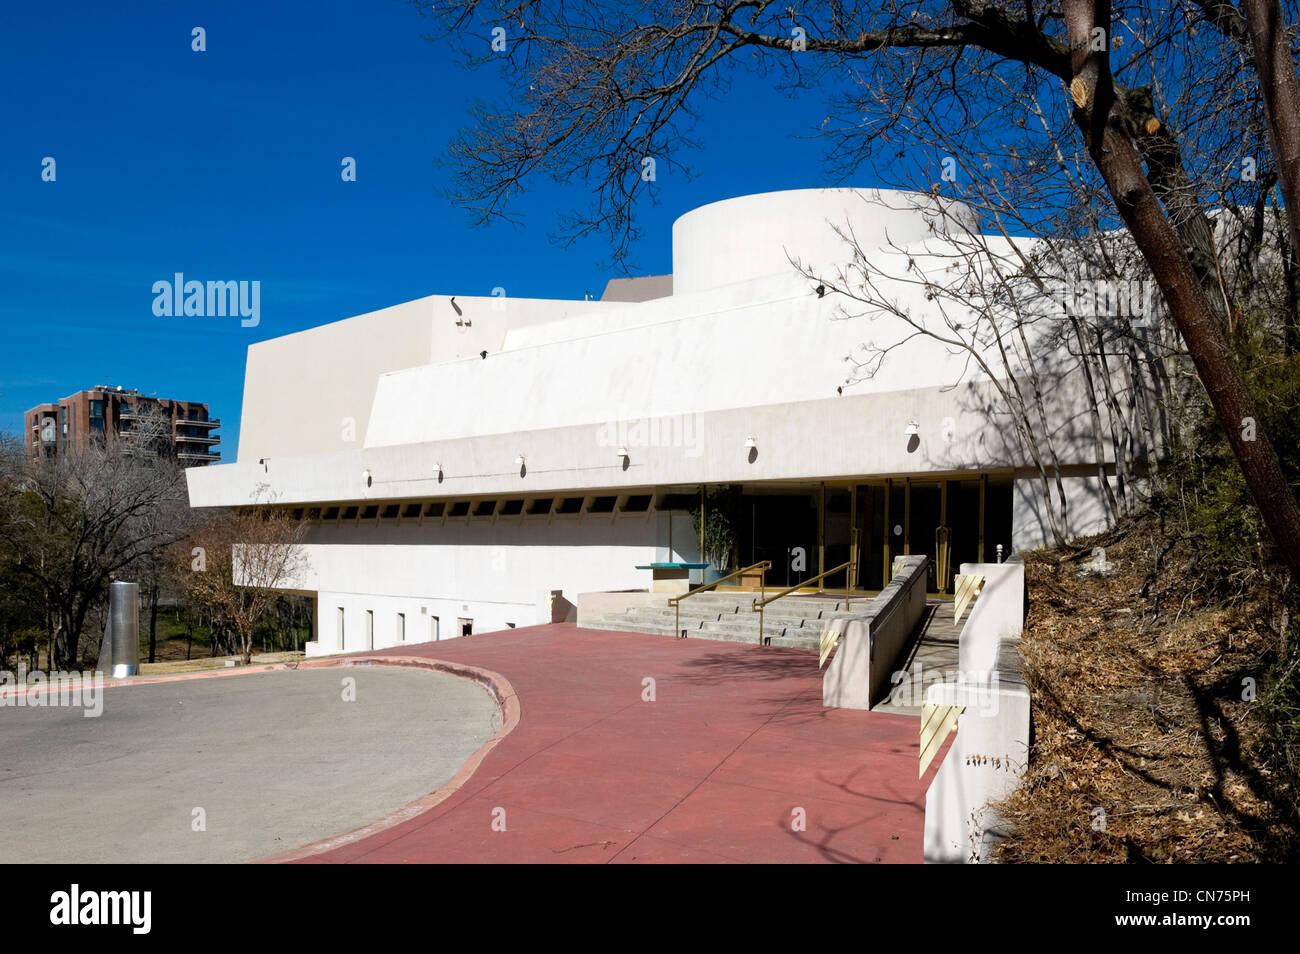 Kalita Humphreys Theater in Dallas, Texas - eines der letzten Gebäude von Frank Lloyd Wright entworfen werden Stockbild